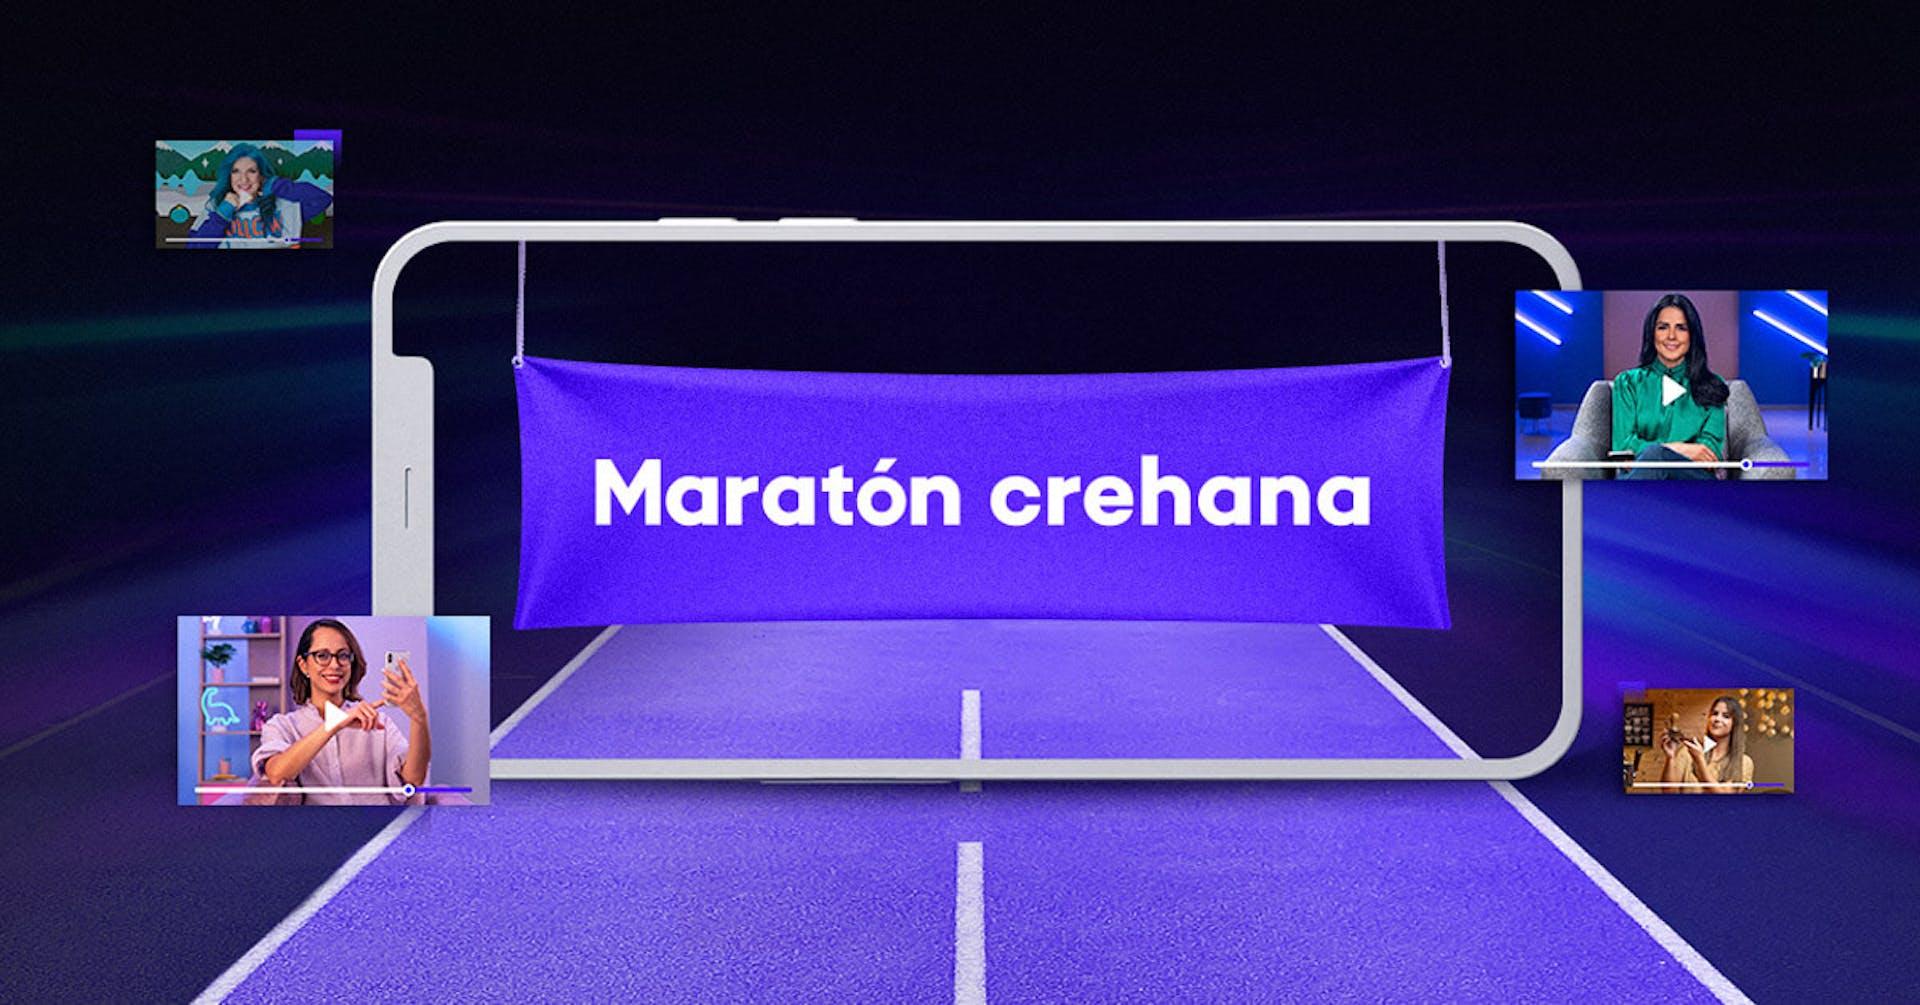 ¡Lee esta guía de la Maratón Crehana para aprovechar las 48h de acceso libre al máximo!